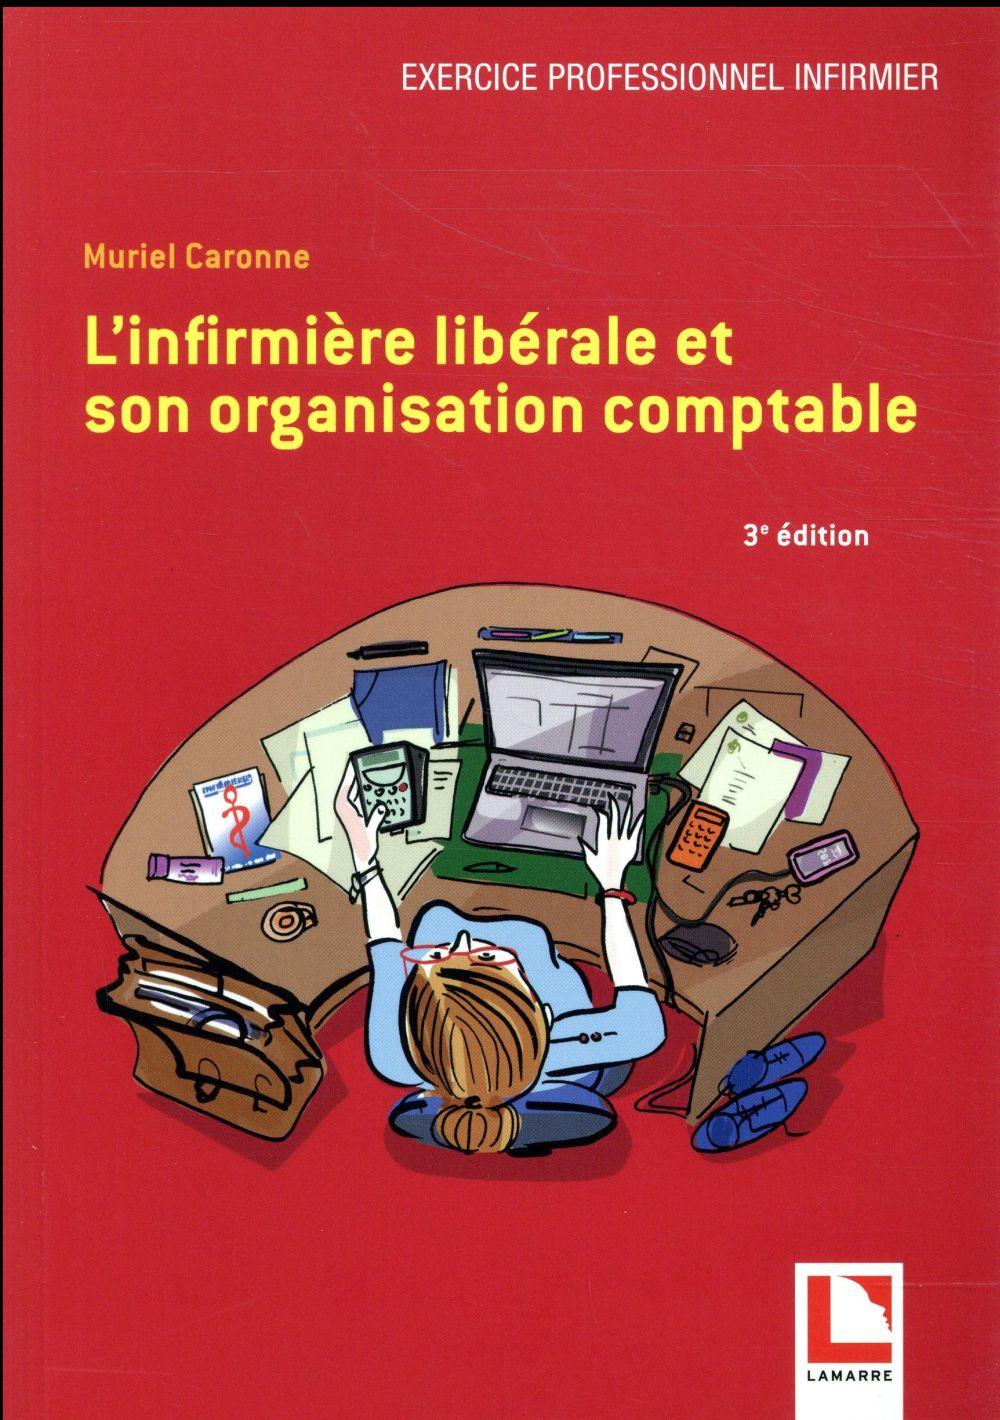 L INFIRMIERE LIBERALE ET SON ORGANISATION COMPTABLE